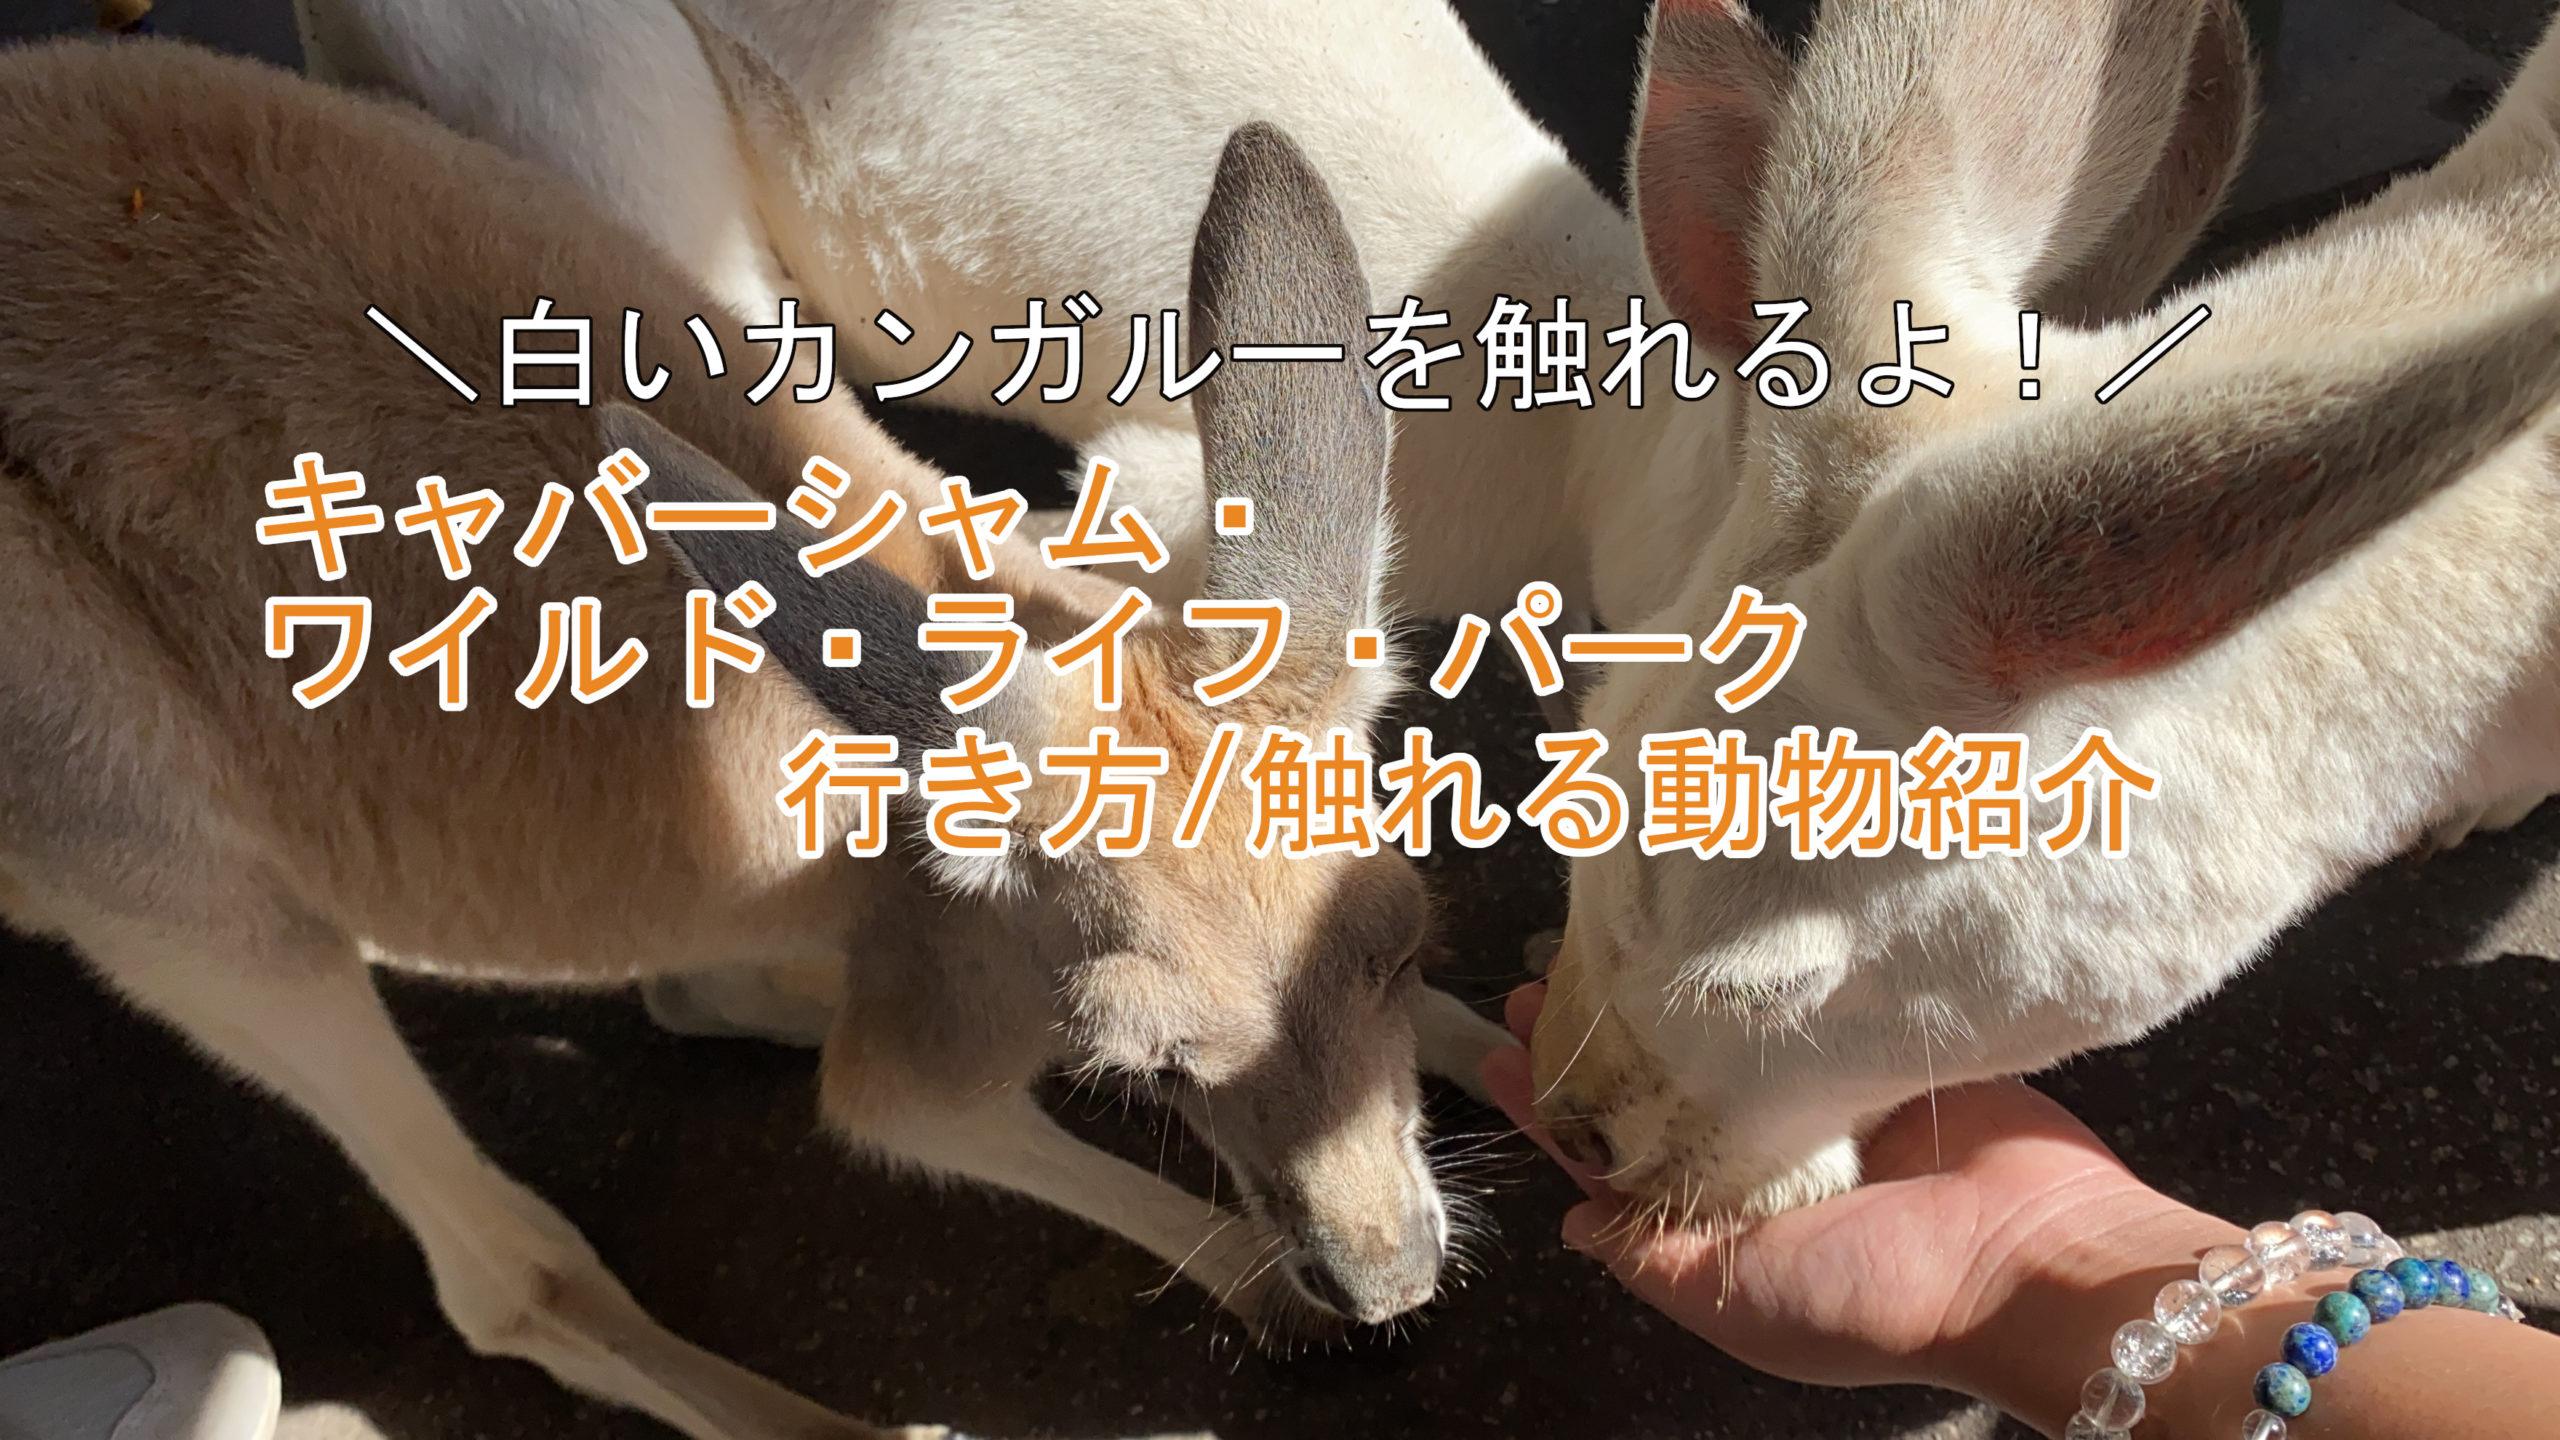 白いカンガルーに触れるパースのキャバーシャム・ワイルド・ライフ・パークの行き方と触れ合える動物紹介